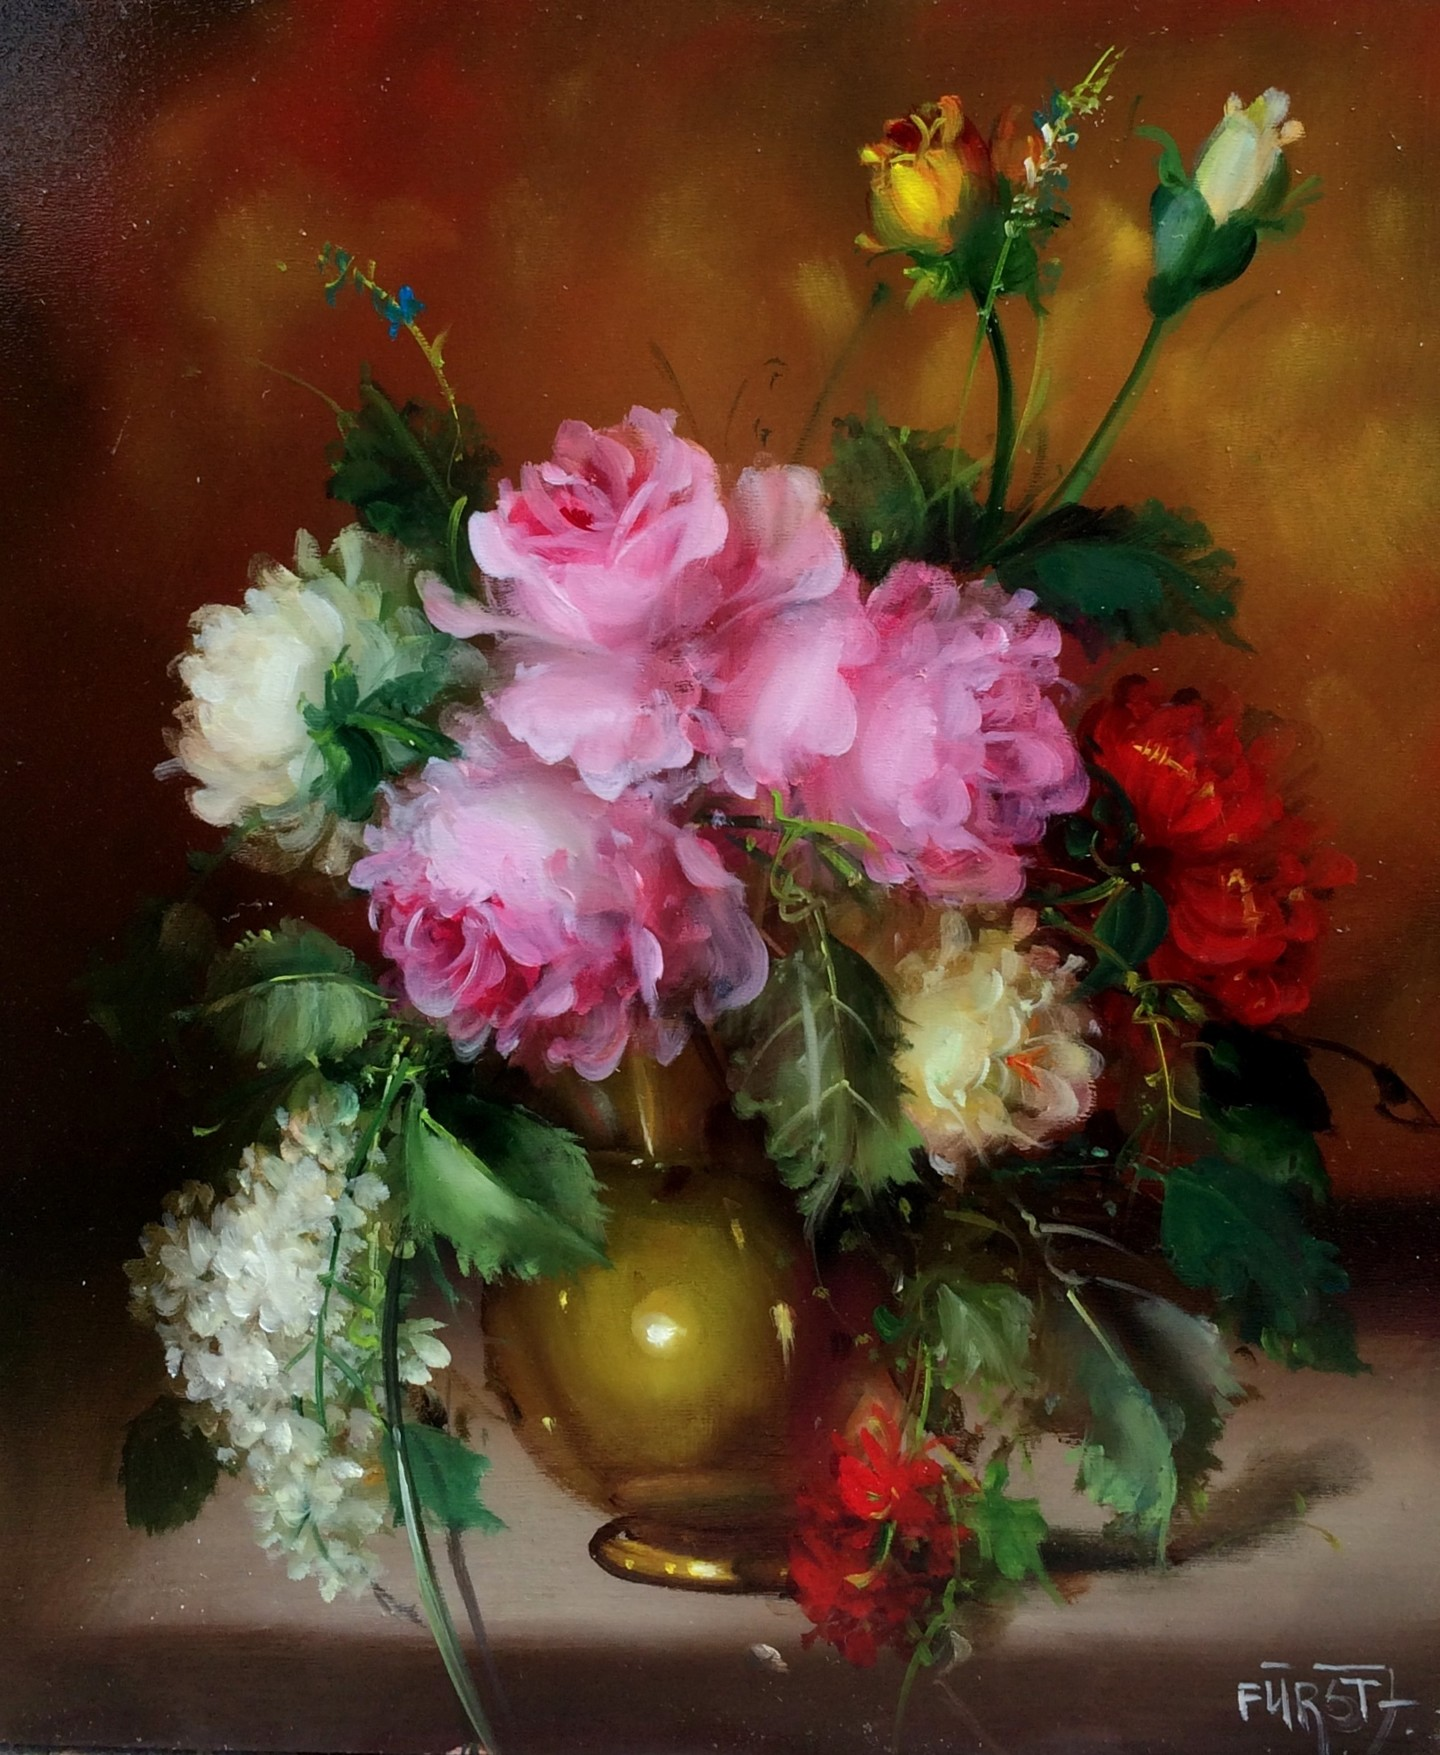 József Fürst - Flavour of roses (Acrtwork to order)